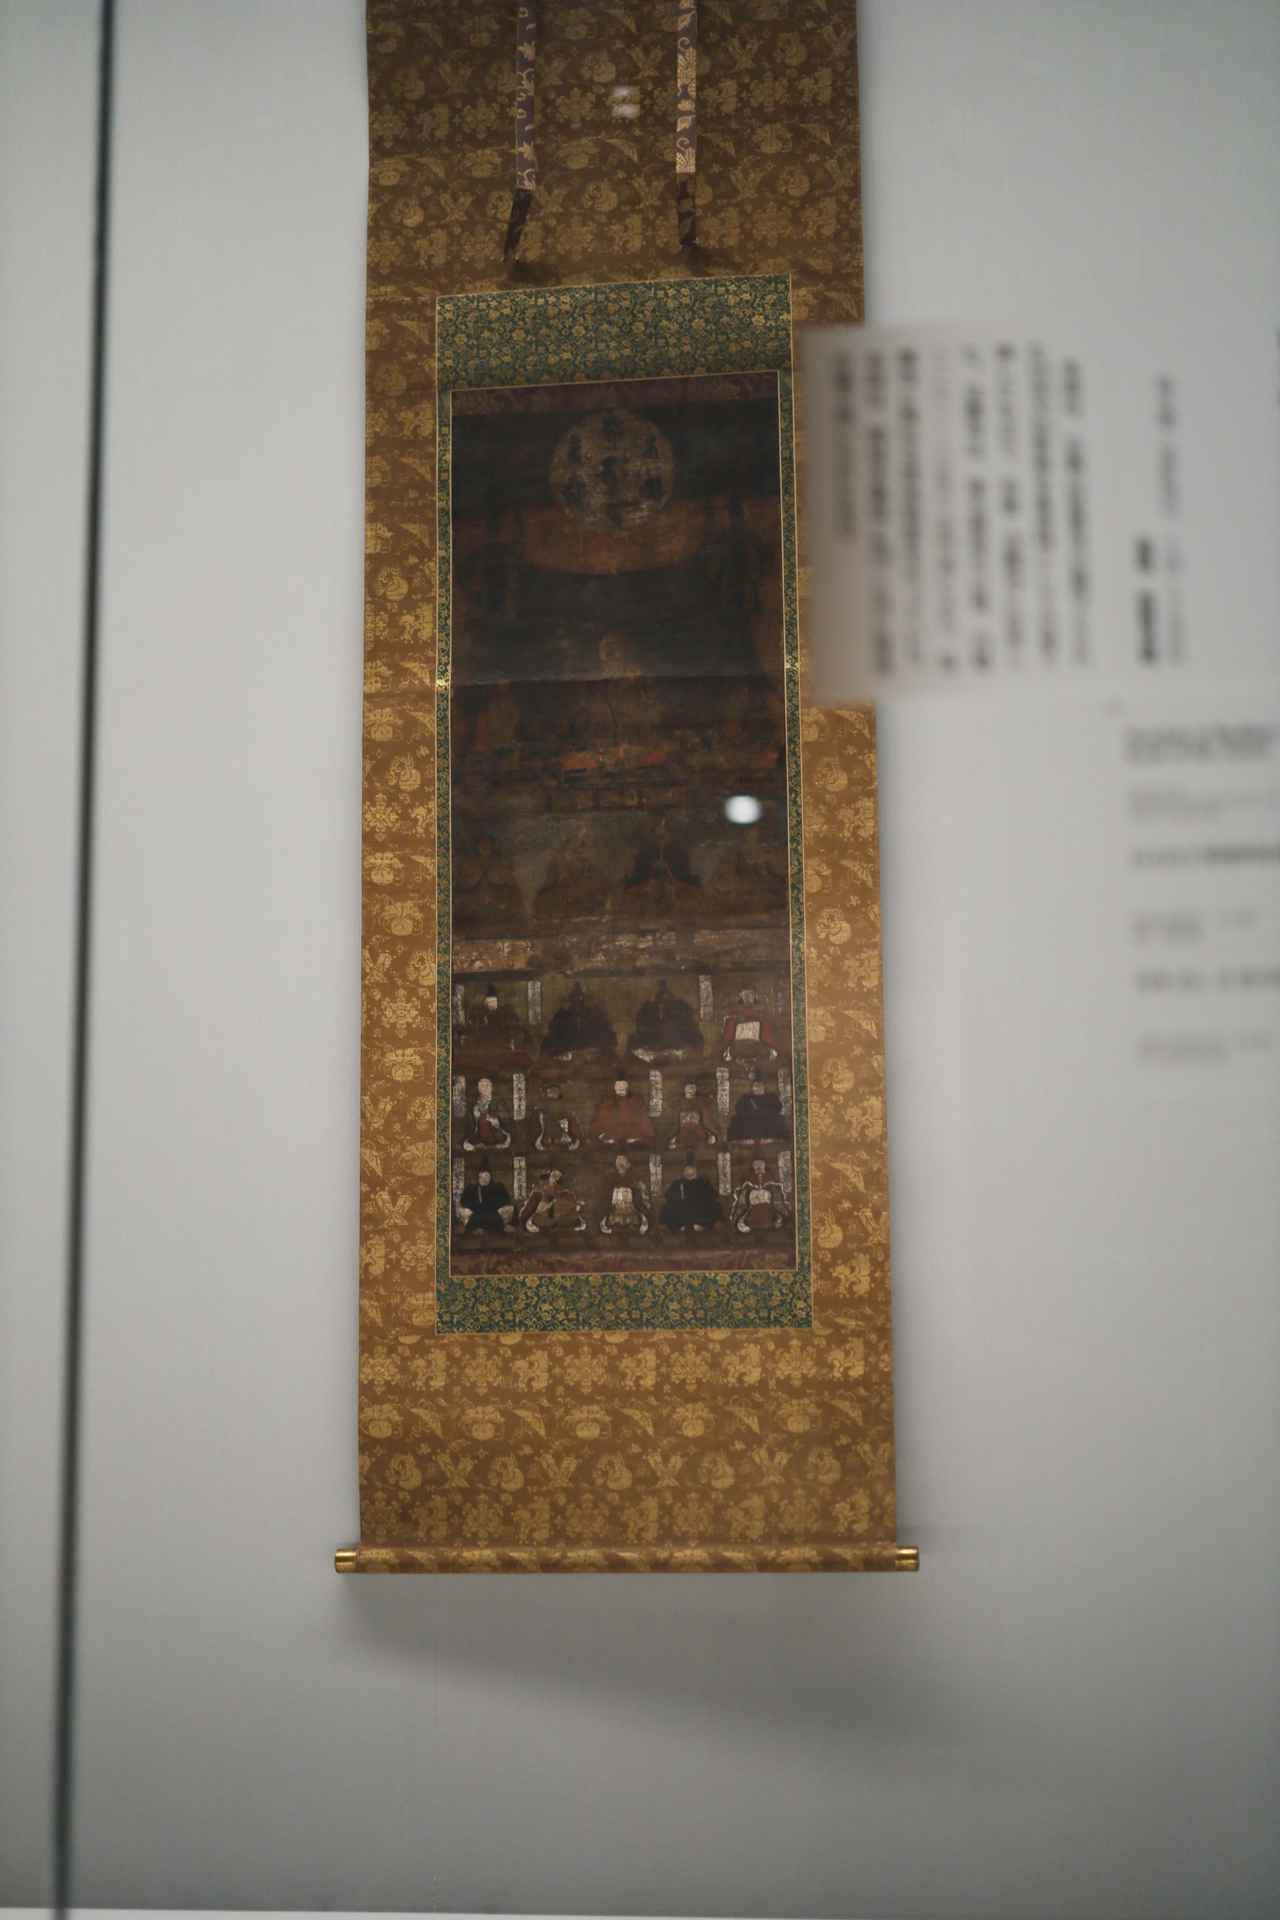 画像: 日吉山王垂迹神曼荼羅図 南北朝〜室町時代 14〜15世紀 滋賀・西教寺 比叡山延暦寺の鎮守である日吉大社・山王権現と仏との関係、どのような仏が日吉の神々として日本に現れたのかを図解したもの。密教の理論を援用して日本の土着の神々は仏の化身・日本のために仏が神々の形で顕現したものとして、仏教の文脈に体系化されて信仰されるようになり、日本の神仏習合の信仰が完成した。